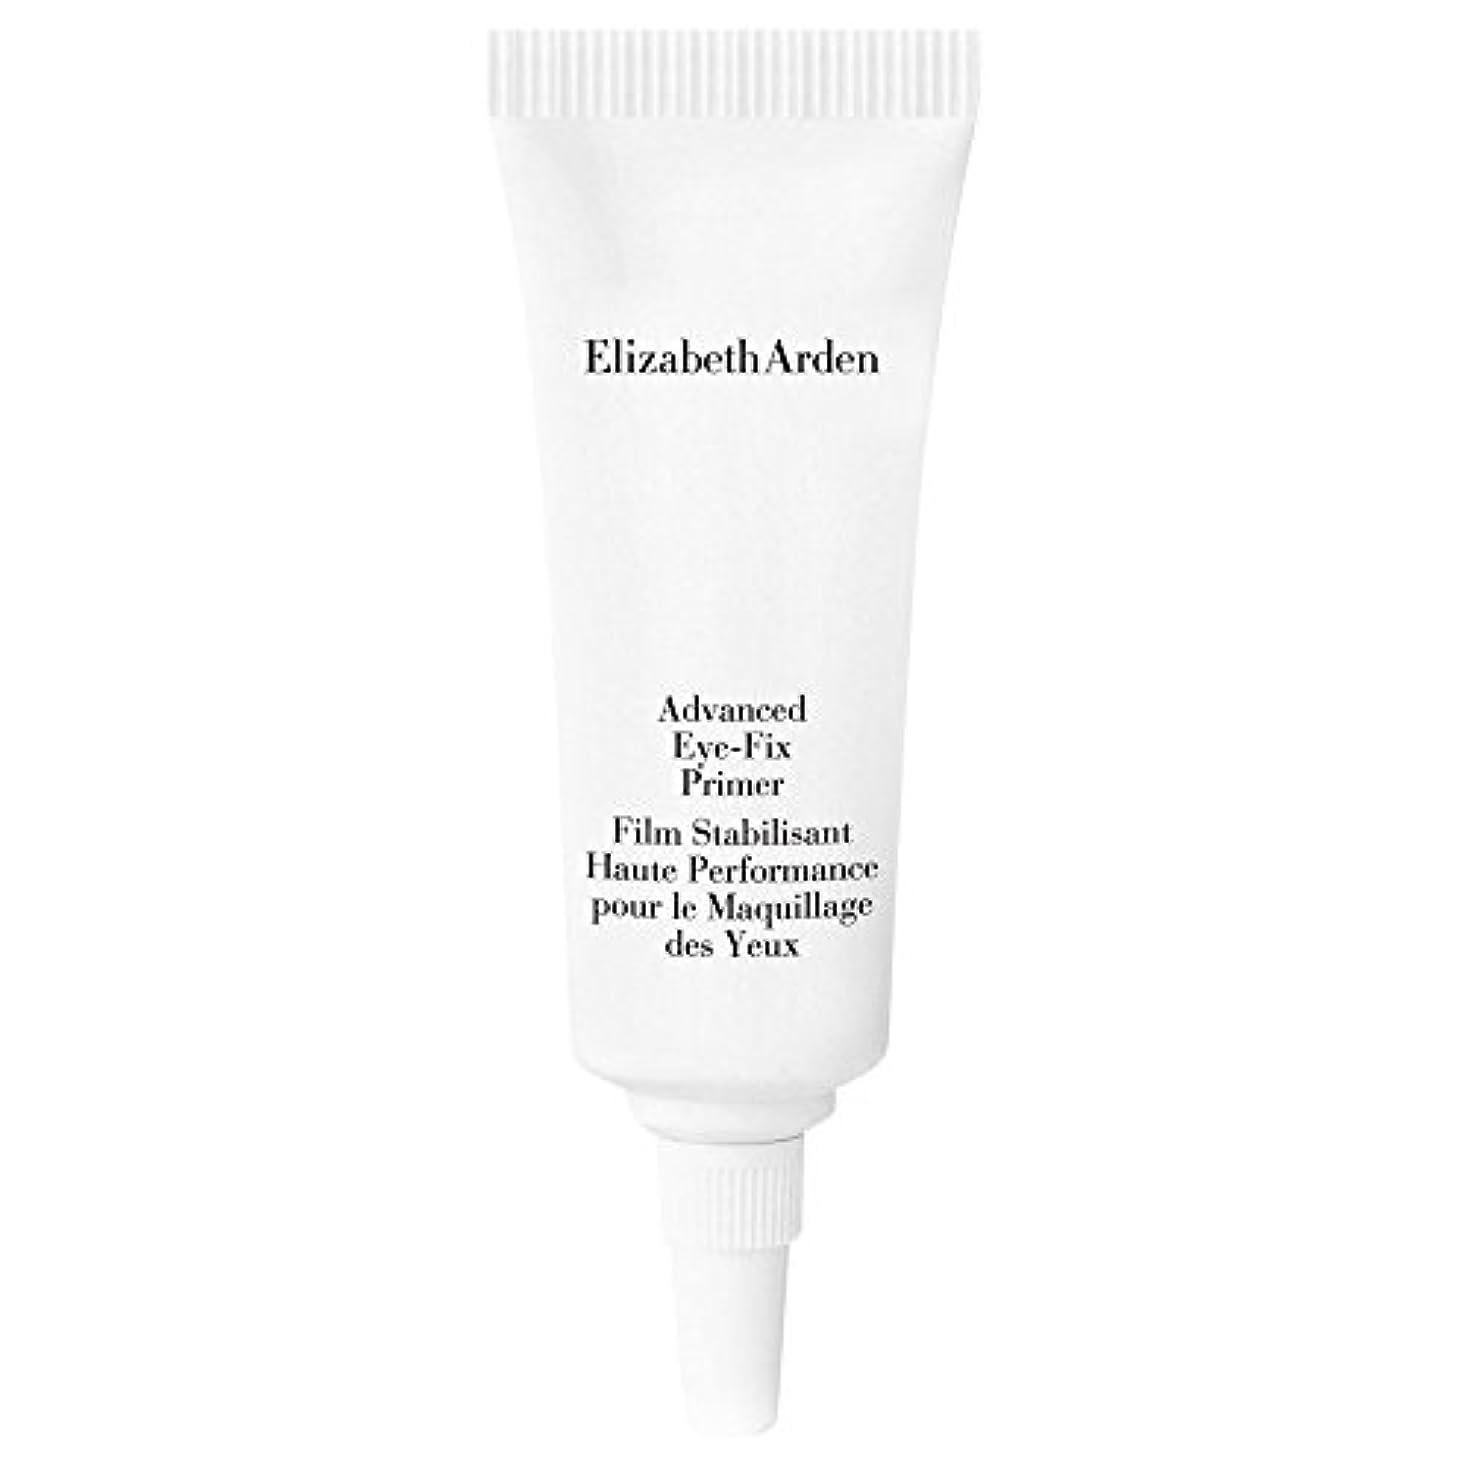 卵ドライバ殺人Elizabeth Arden Flawless Finish Sponge-On Cream Makeup Softly Beige (Pack of 6) - エリザベスアーデン完璧なフィニッシュスポンジオンクリームメイクそっとベージュに x6 [並行輸入品]